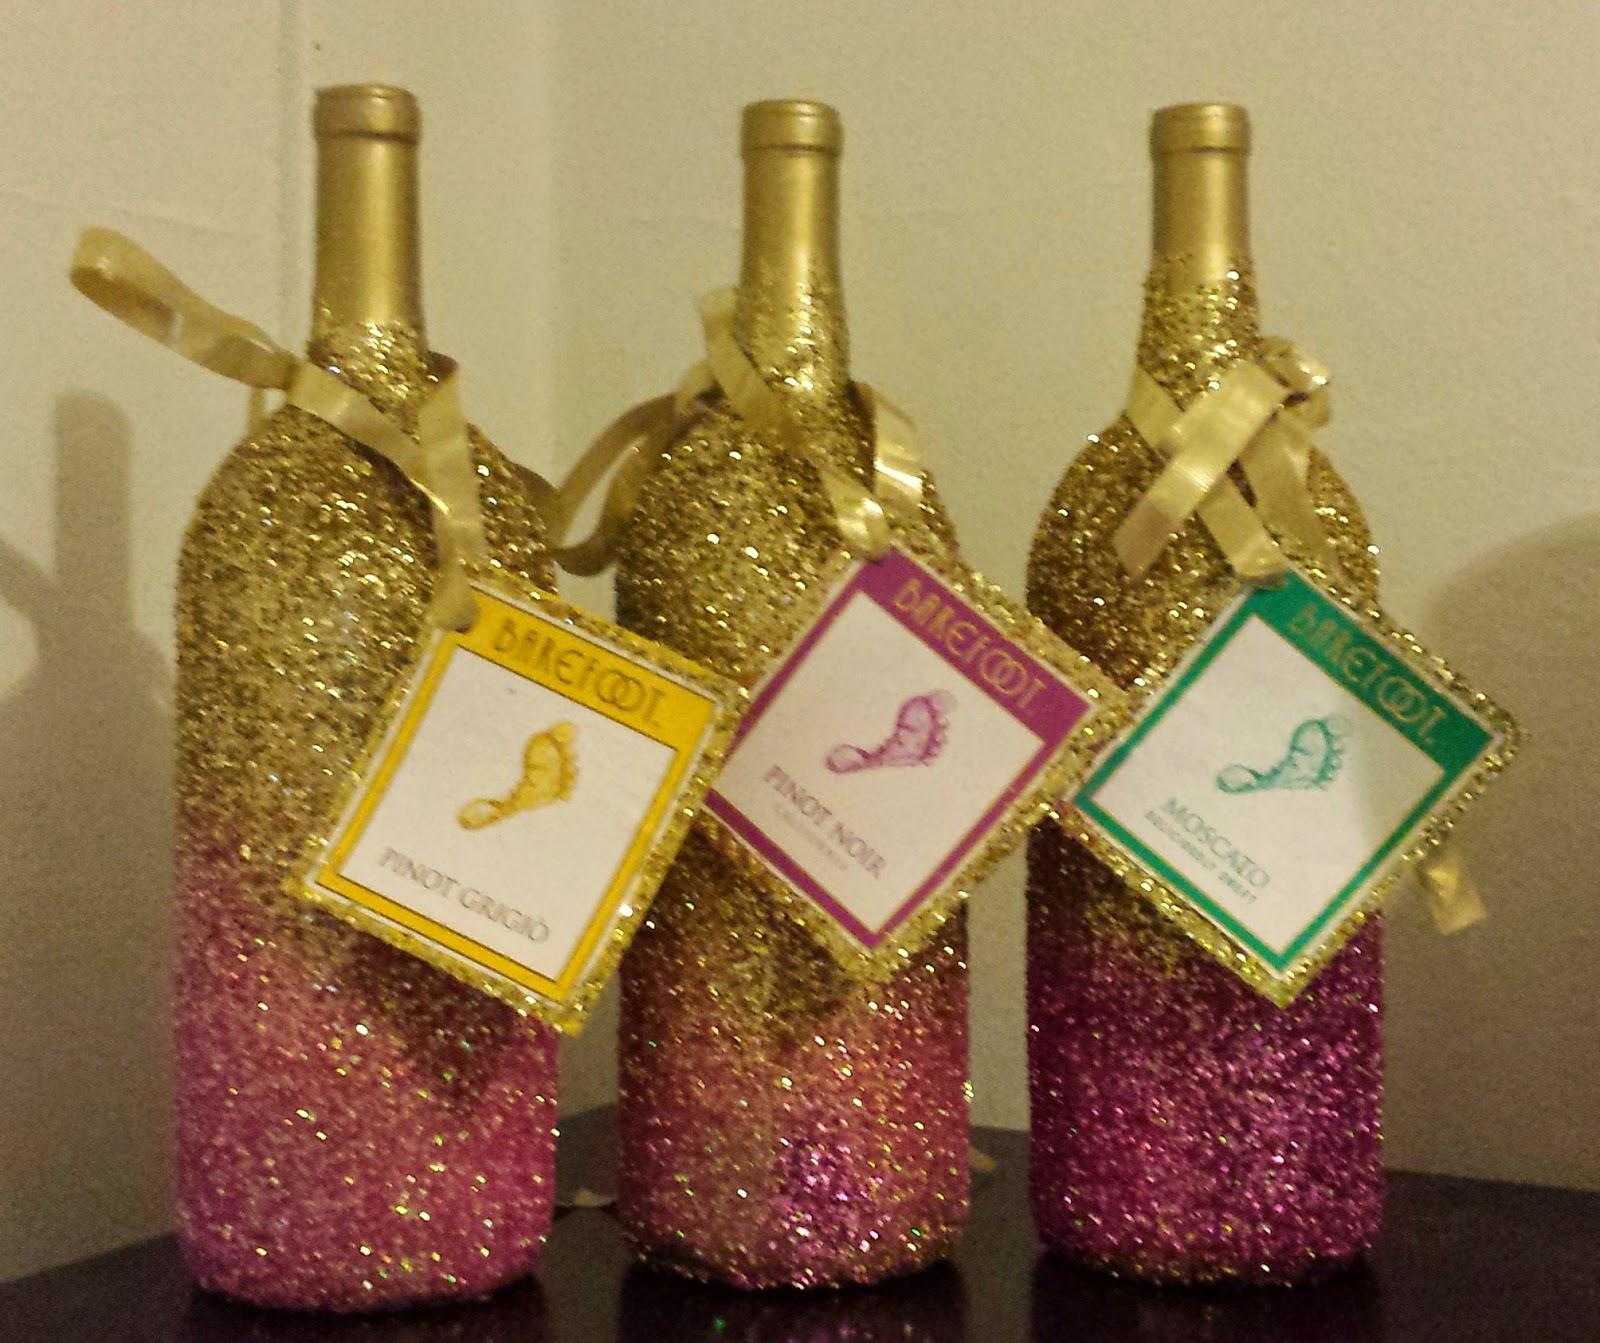 Diy glittery wine bottles blogher for Decorating wine bottles with glitter